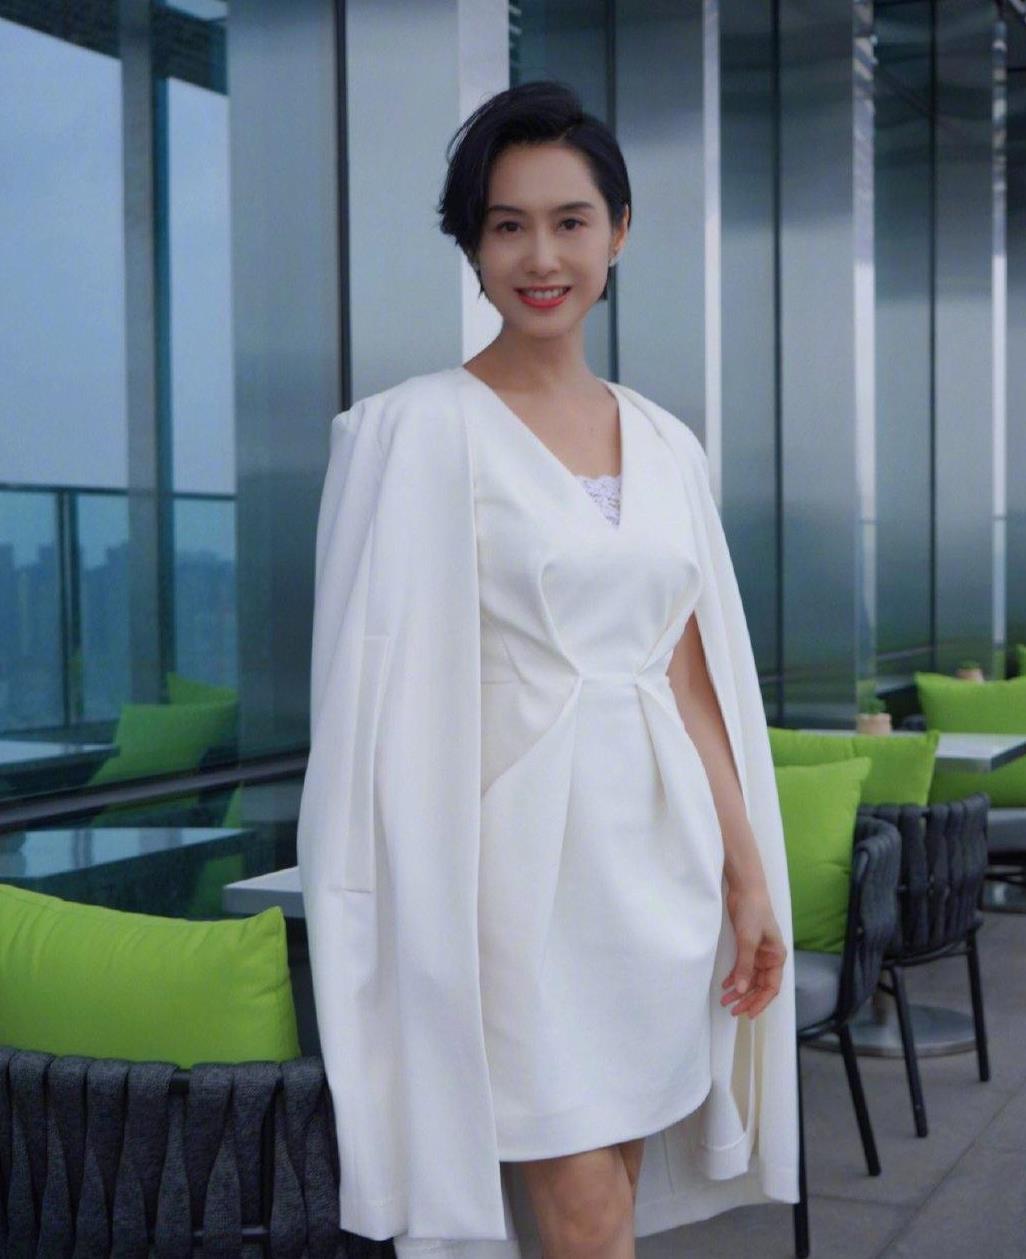 朱茵不愧是一代女神,一袭白色短裙搭配短披风,典雅大方又高级